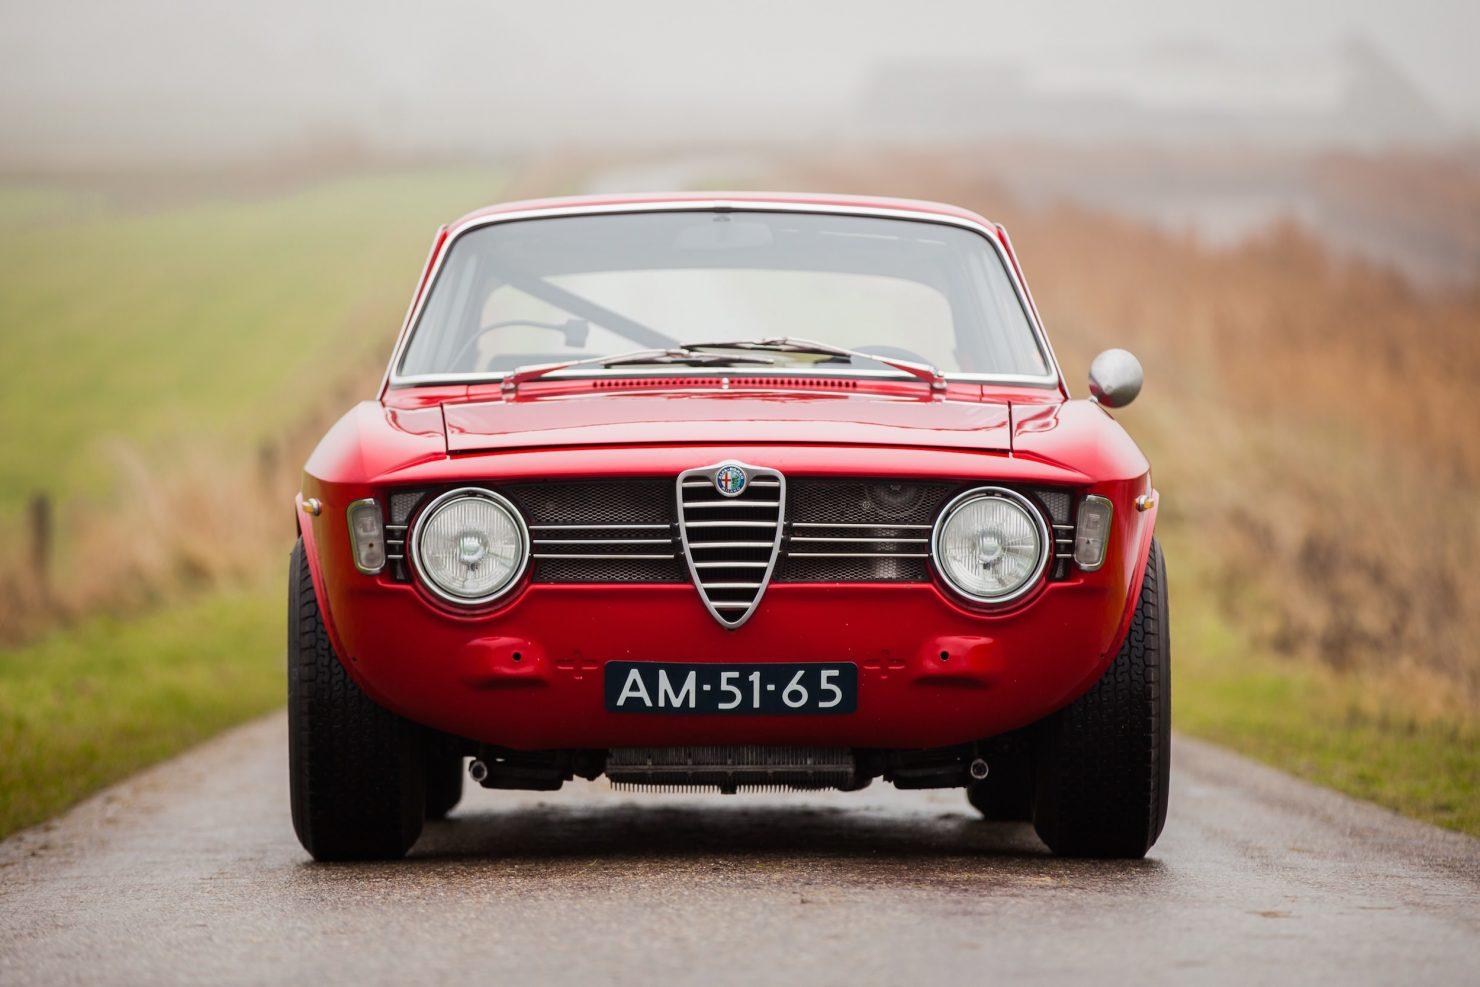 alfa romeo sprint gt veloce 3 1480x987 - 1967 Alfa Romeo Sprint GT Veloce